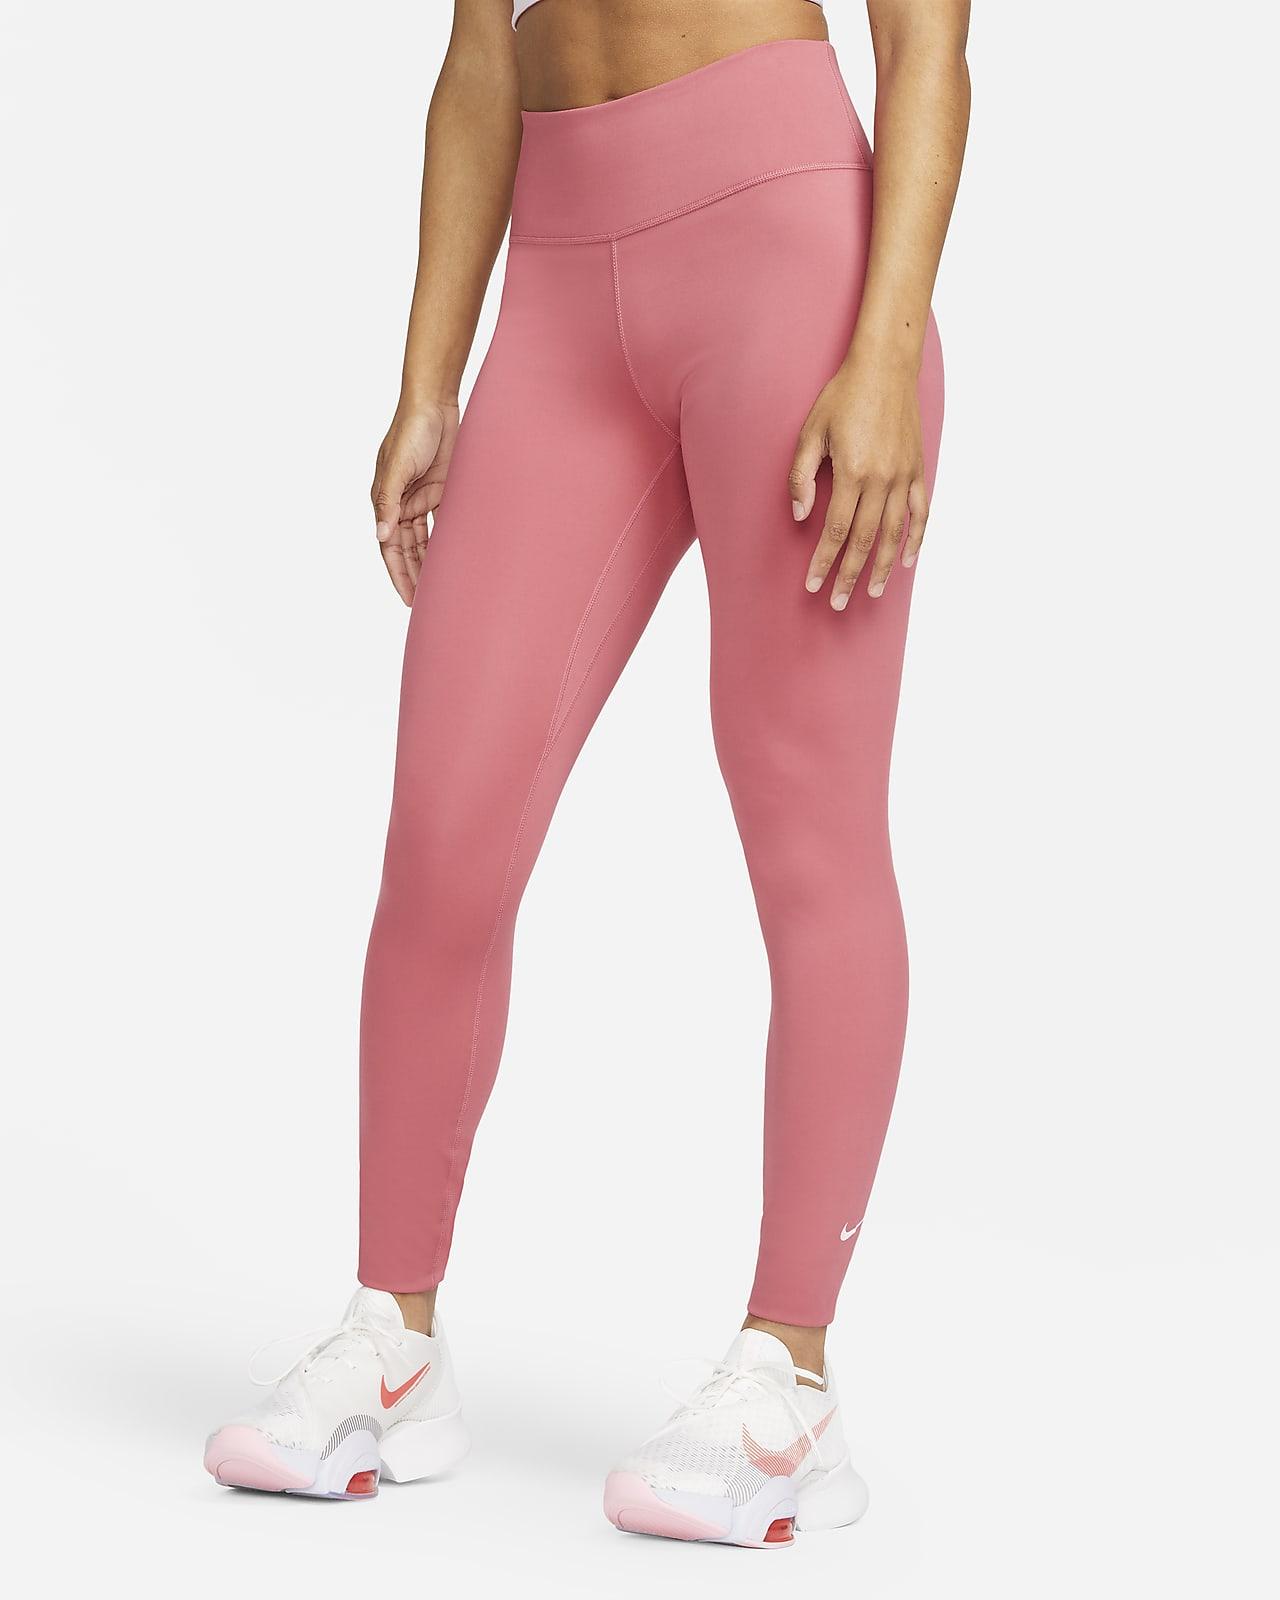 เลกกิ้งเอวปานกลางผู้หญิง Nike Dri-FIT One